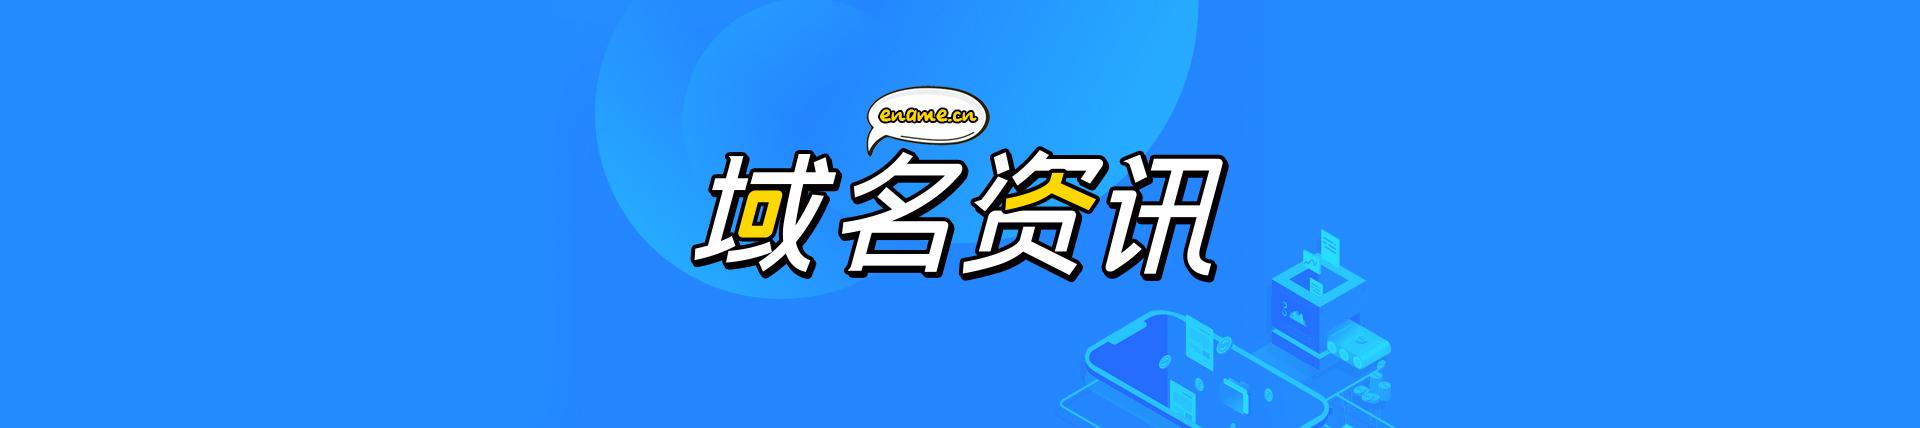 """阿里上线""""躺平"""",正式启用tangping.com"""